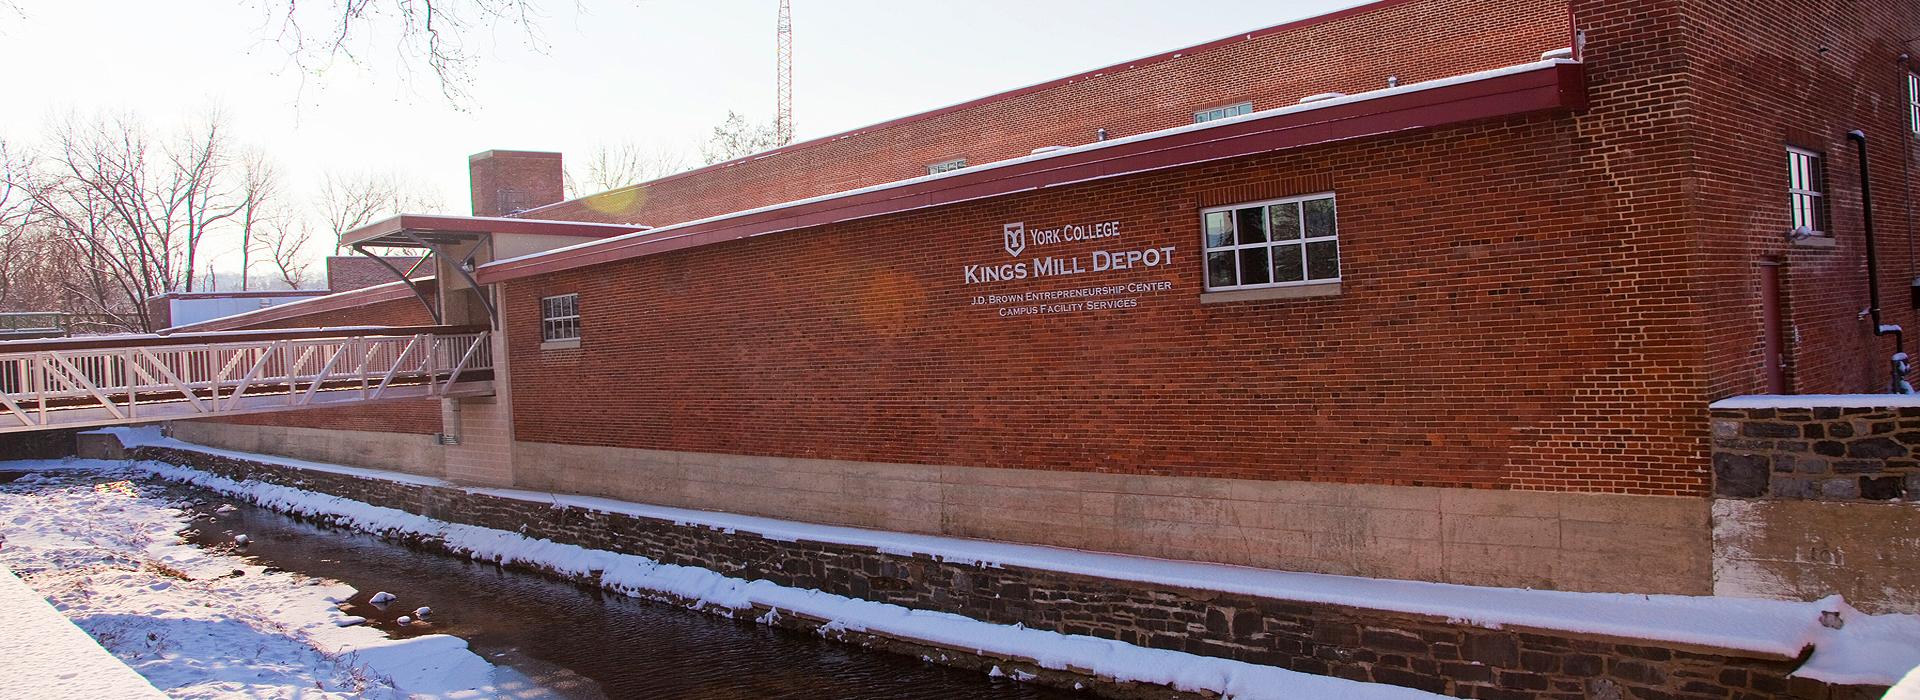 Kings Mill Depot